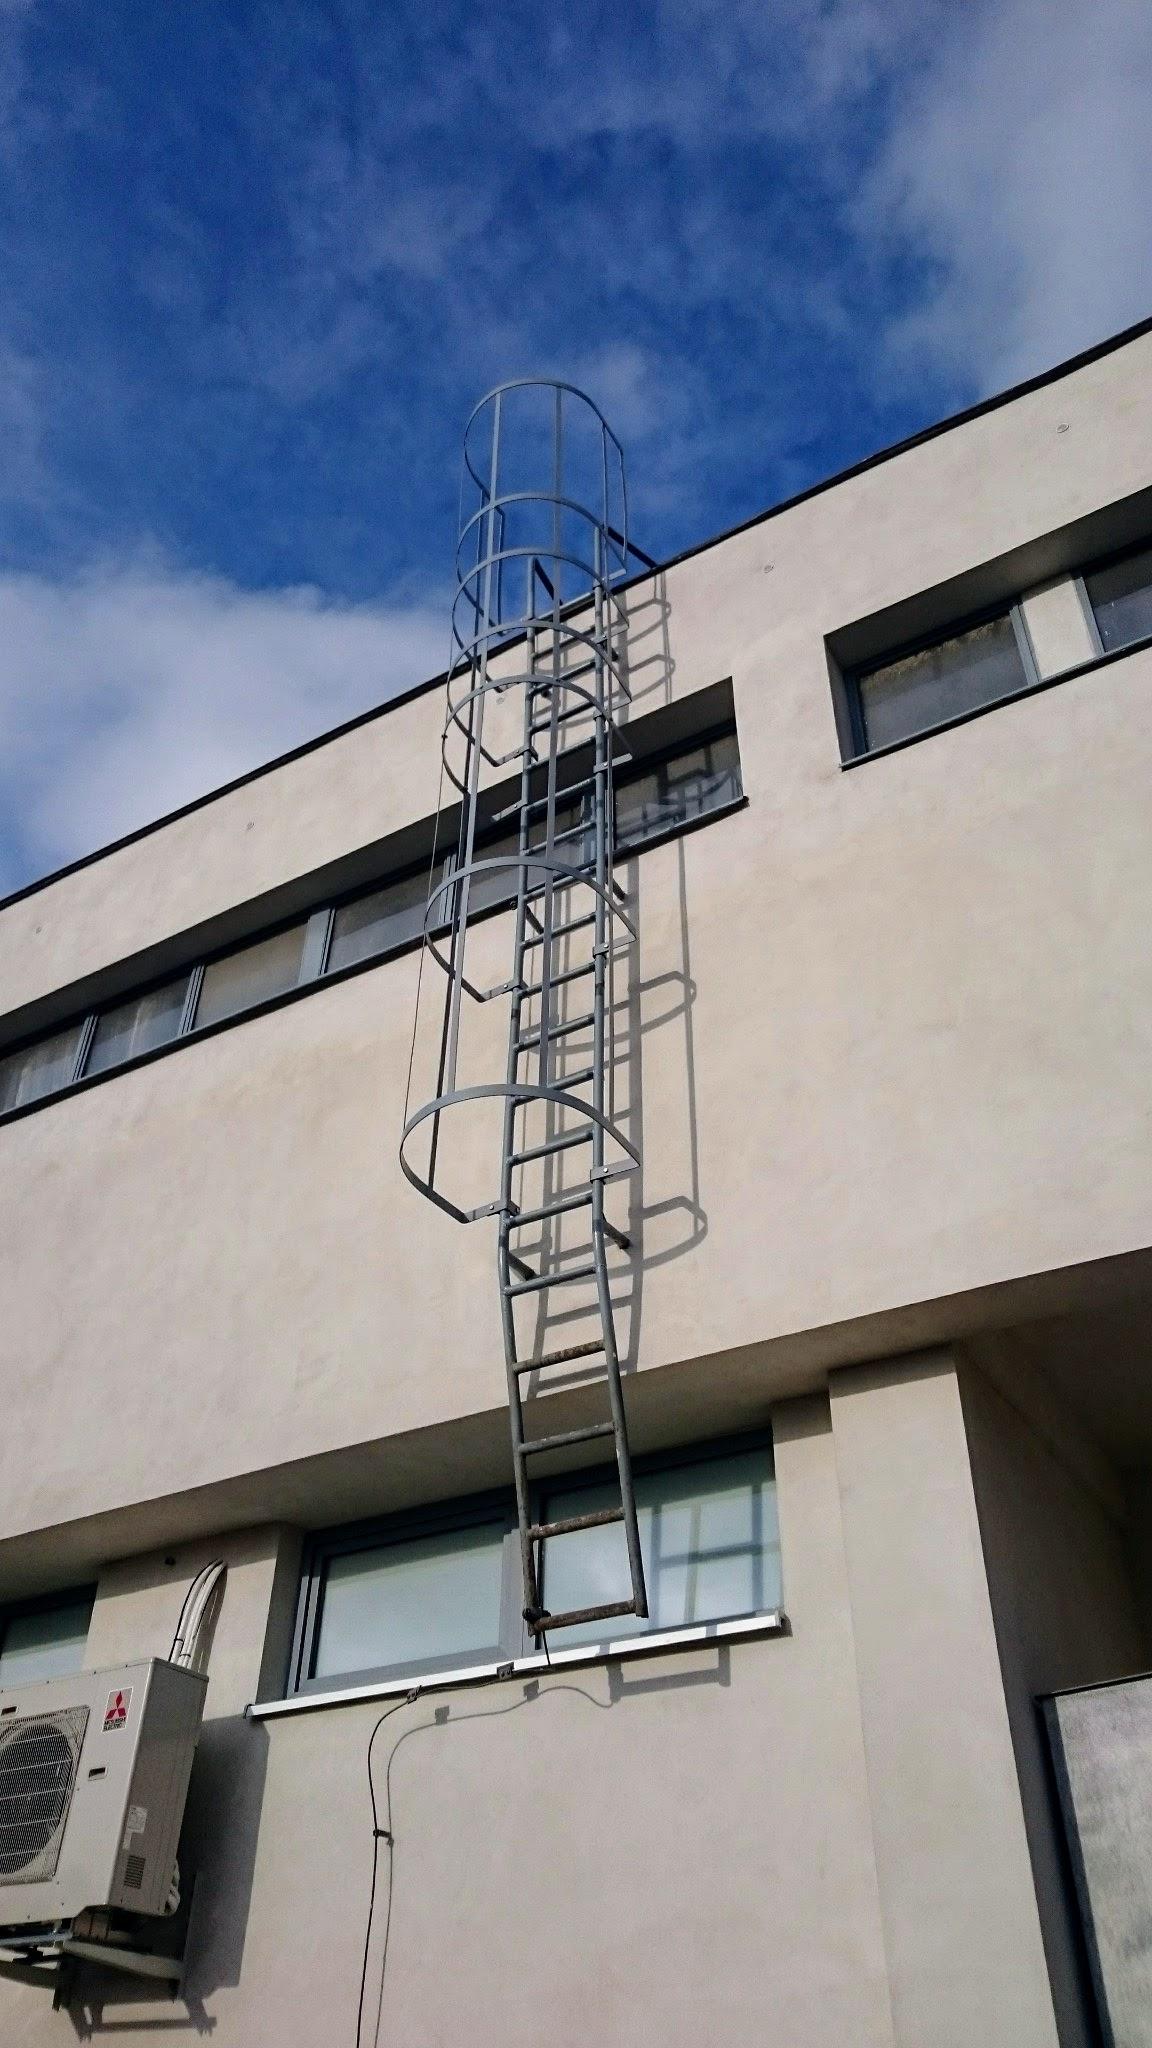 Schutzgitter auf der Leiter